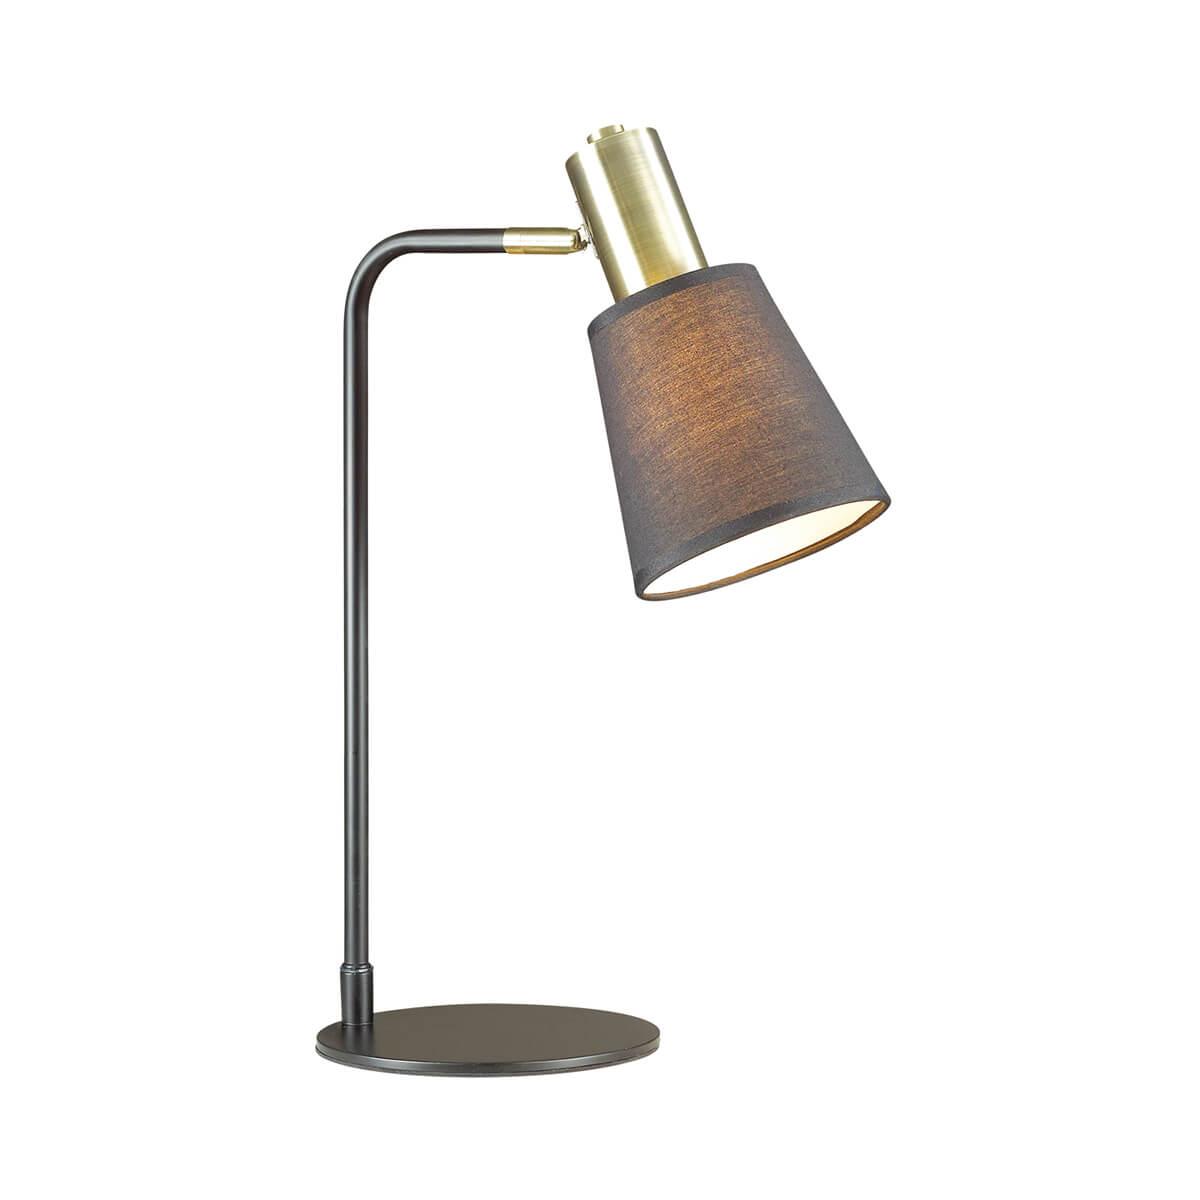 Настольная лампа Lumion 3638/1T Marcus настольная лампа lumion ejen 3688 1t серая e27 40w 220v